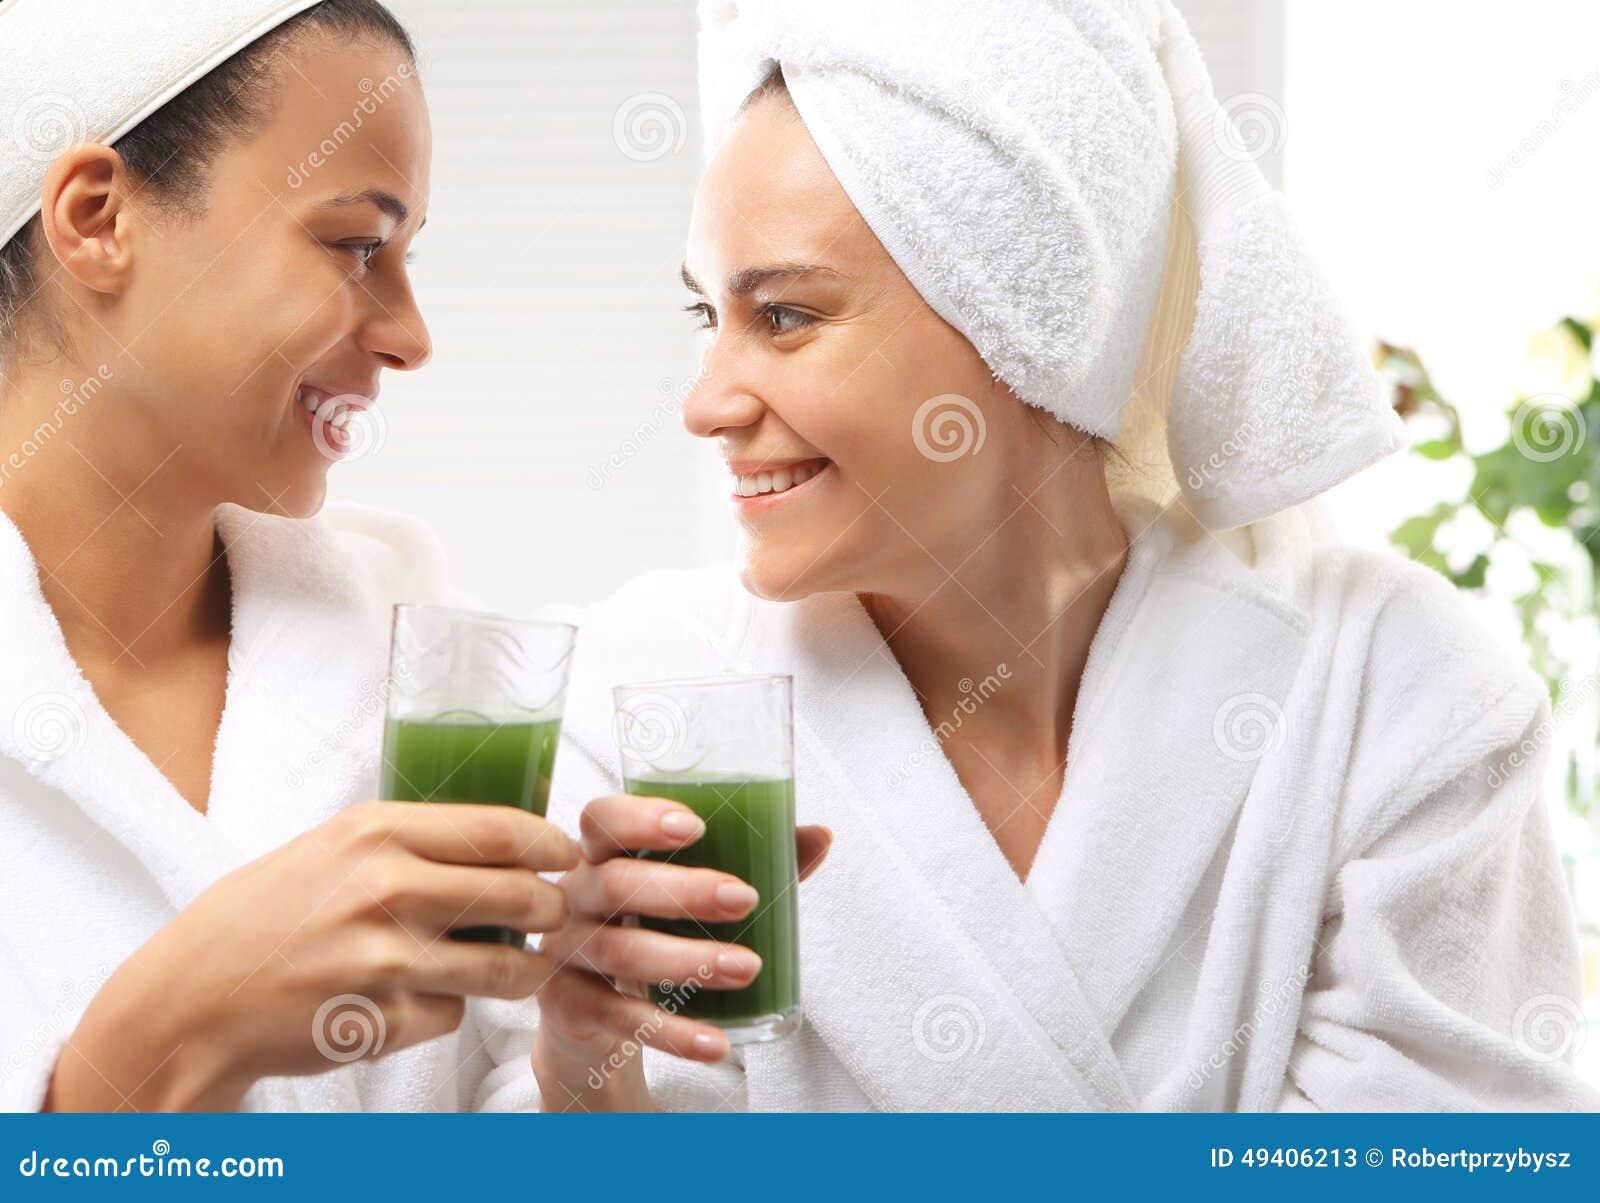 Download Vitaminbombe, Proteincocktail Stockbild - Bild von wohnzimmer, freude: 49406213